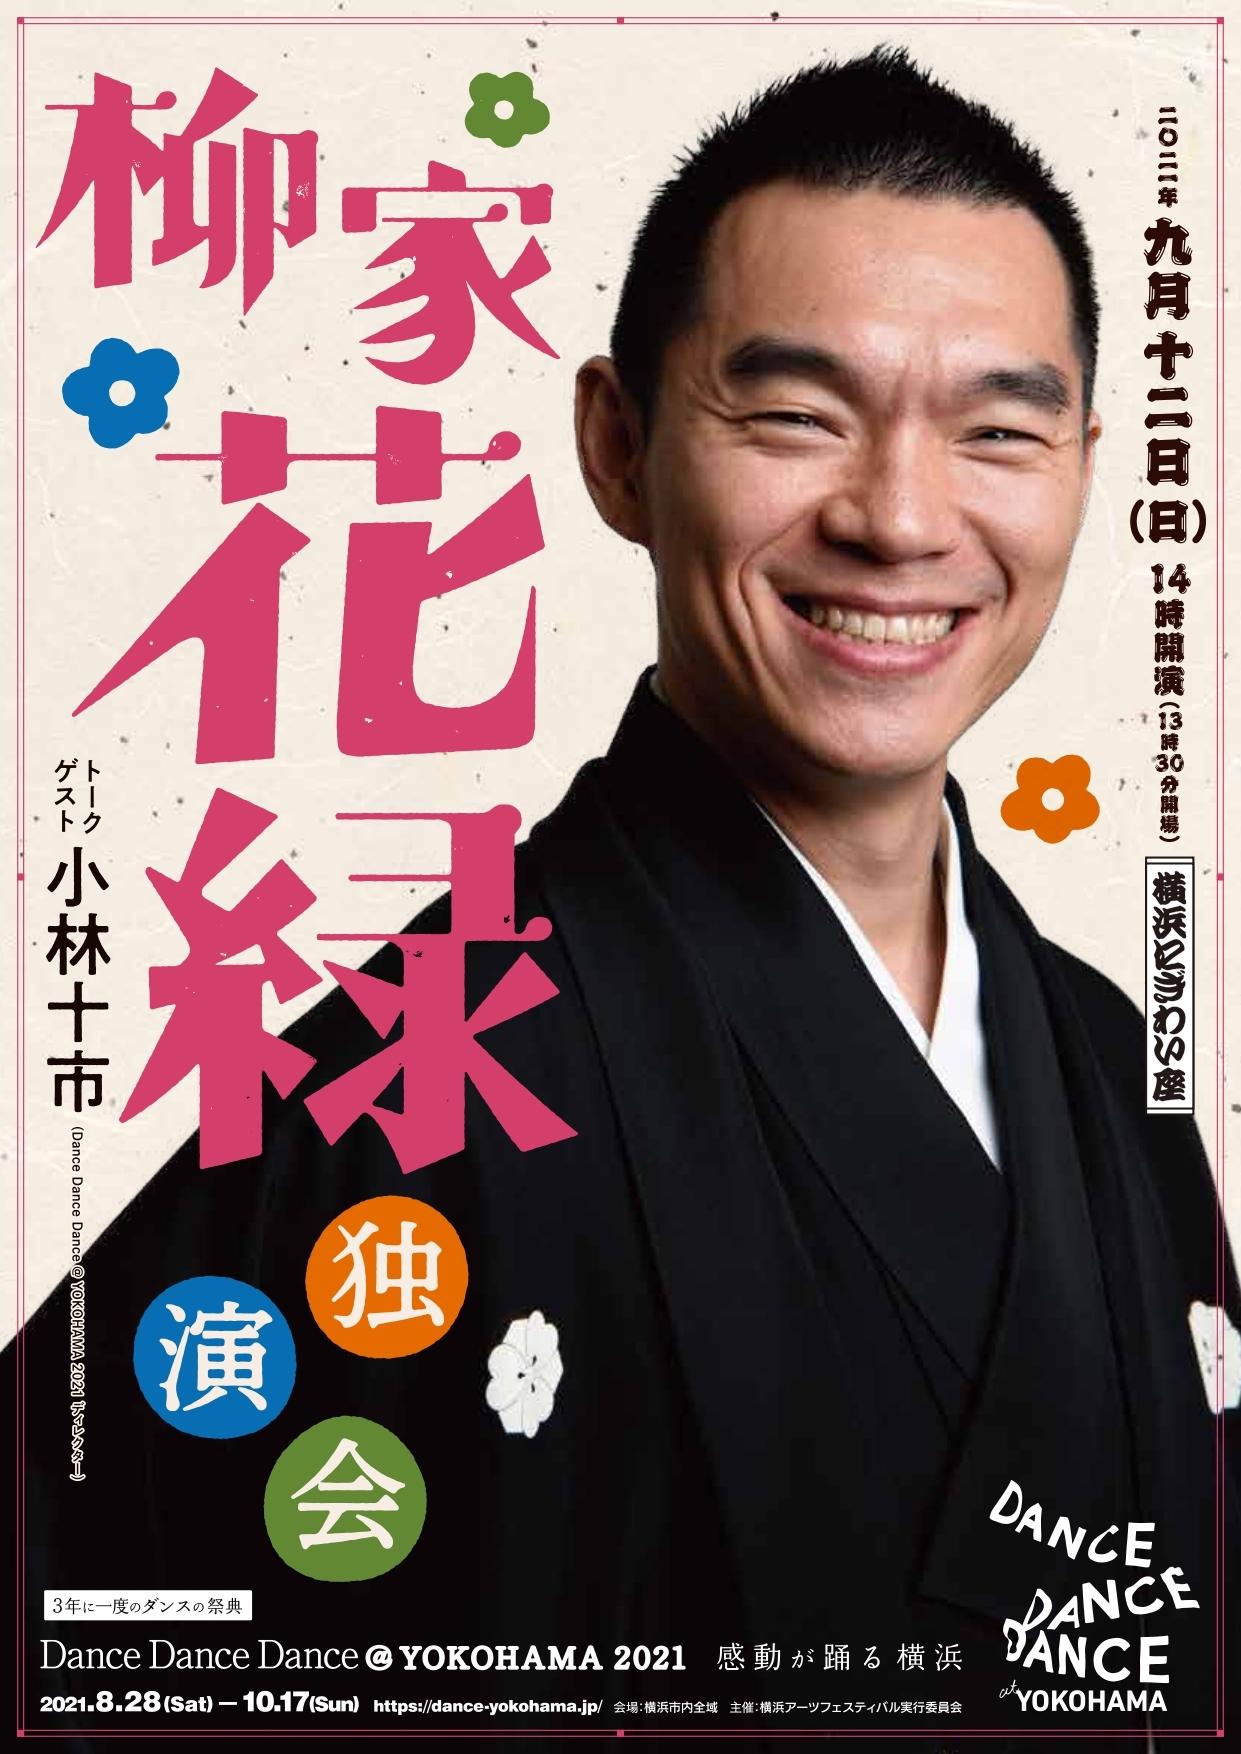 「柳家花緑 独演会」 公演チラシ